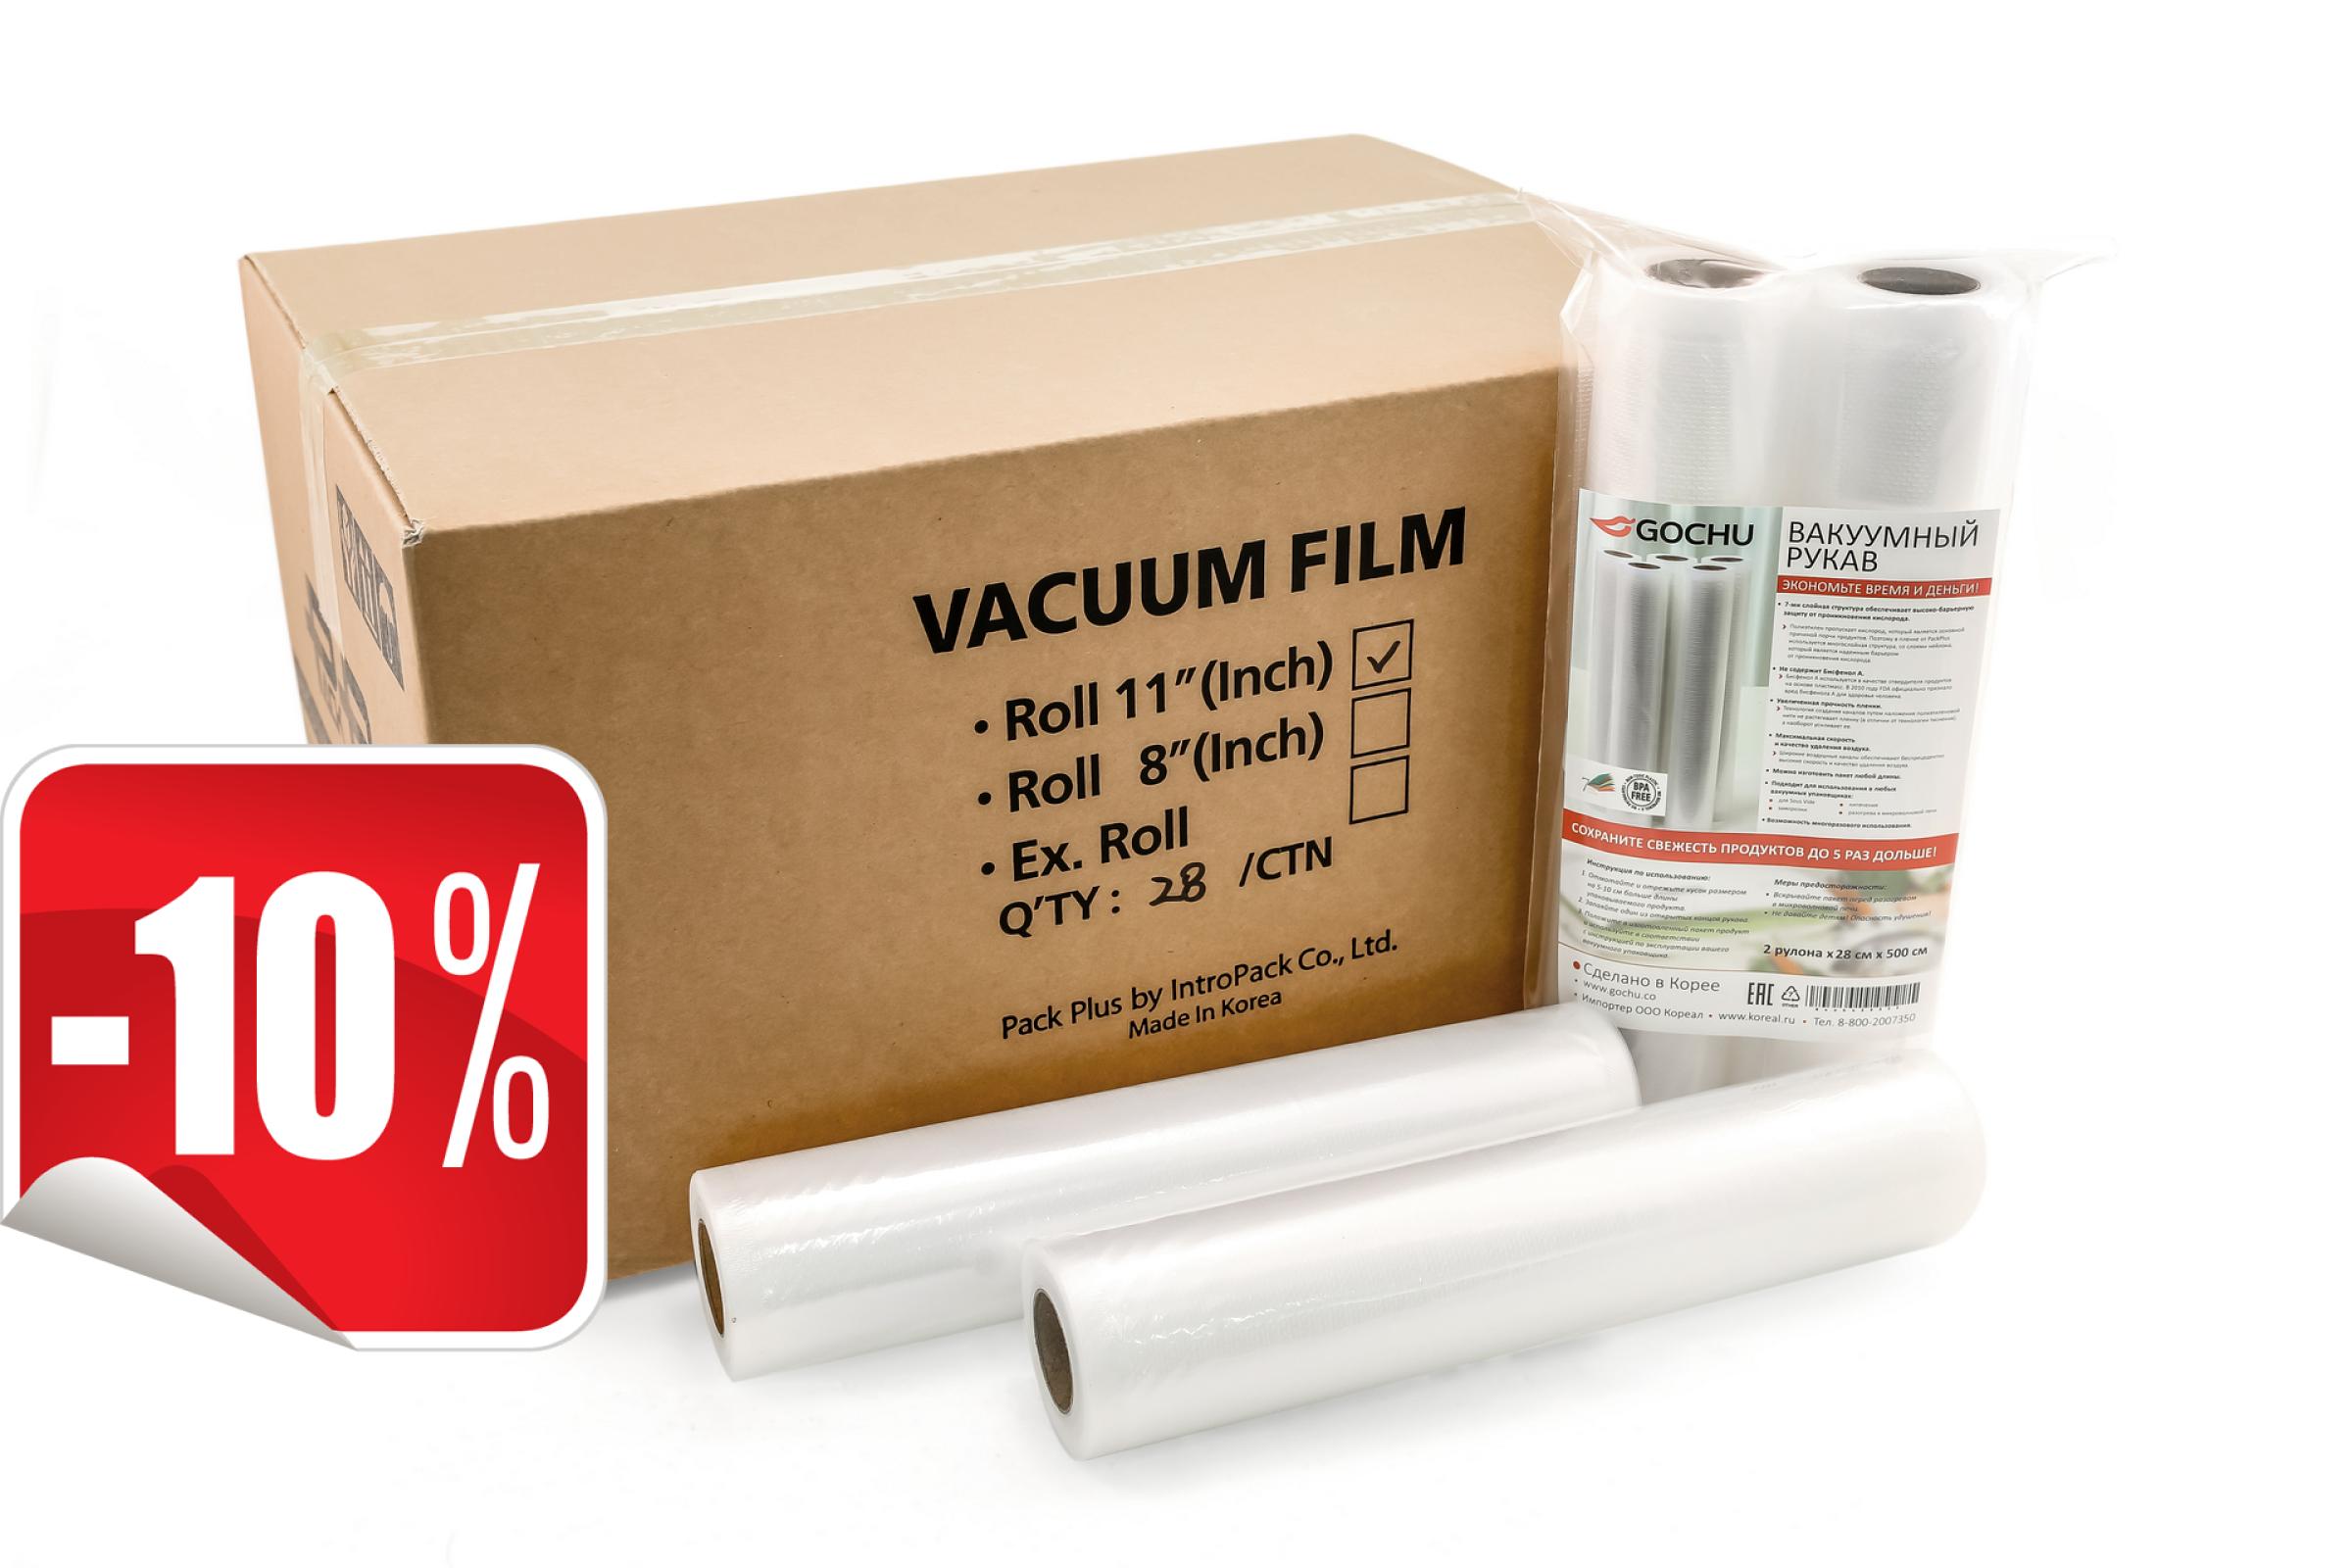 Коробка вакуумной пленки 28х500 см. ( 28 вакуумных рулонов со скидкой 10% )